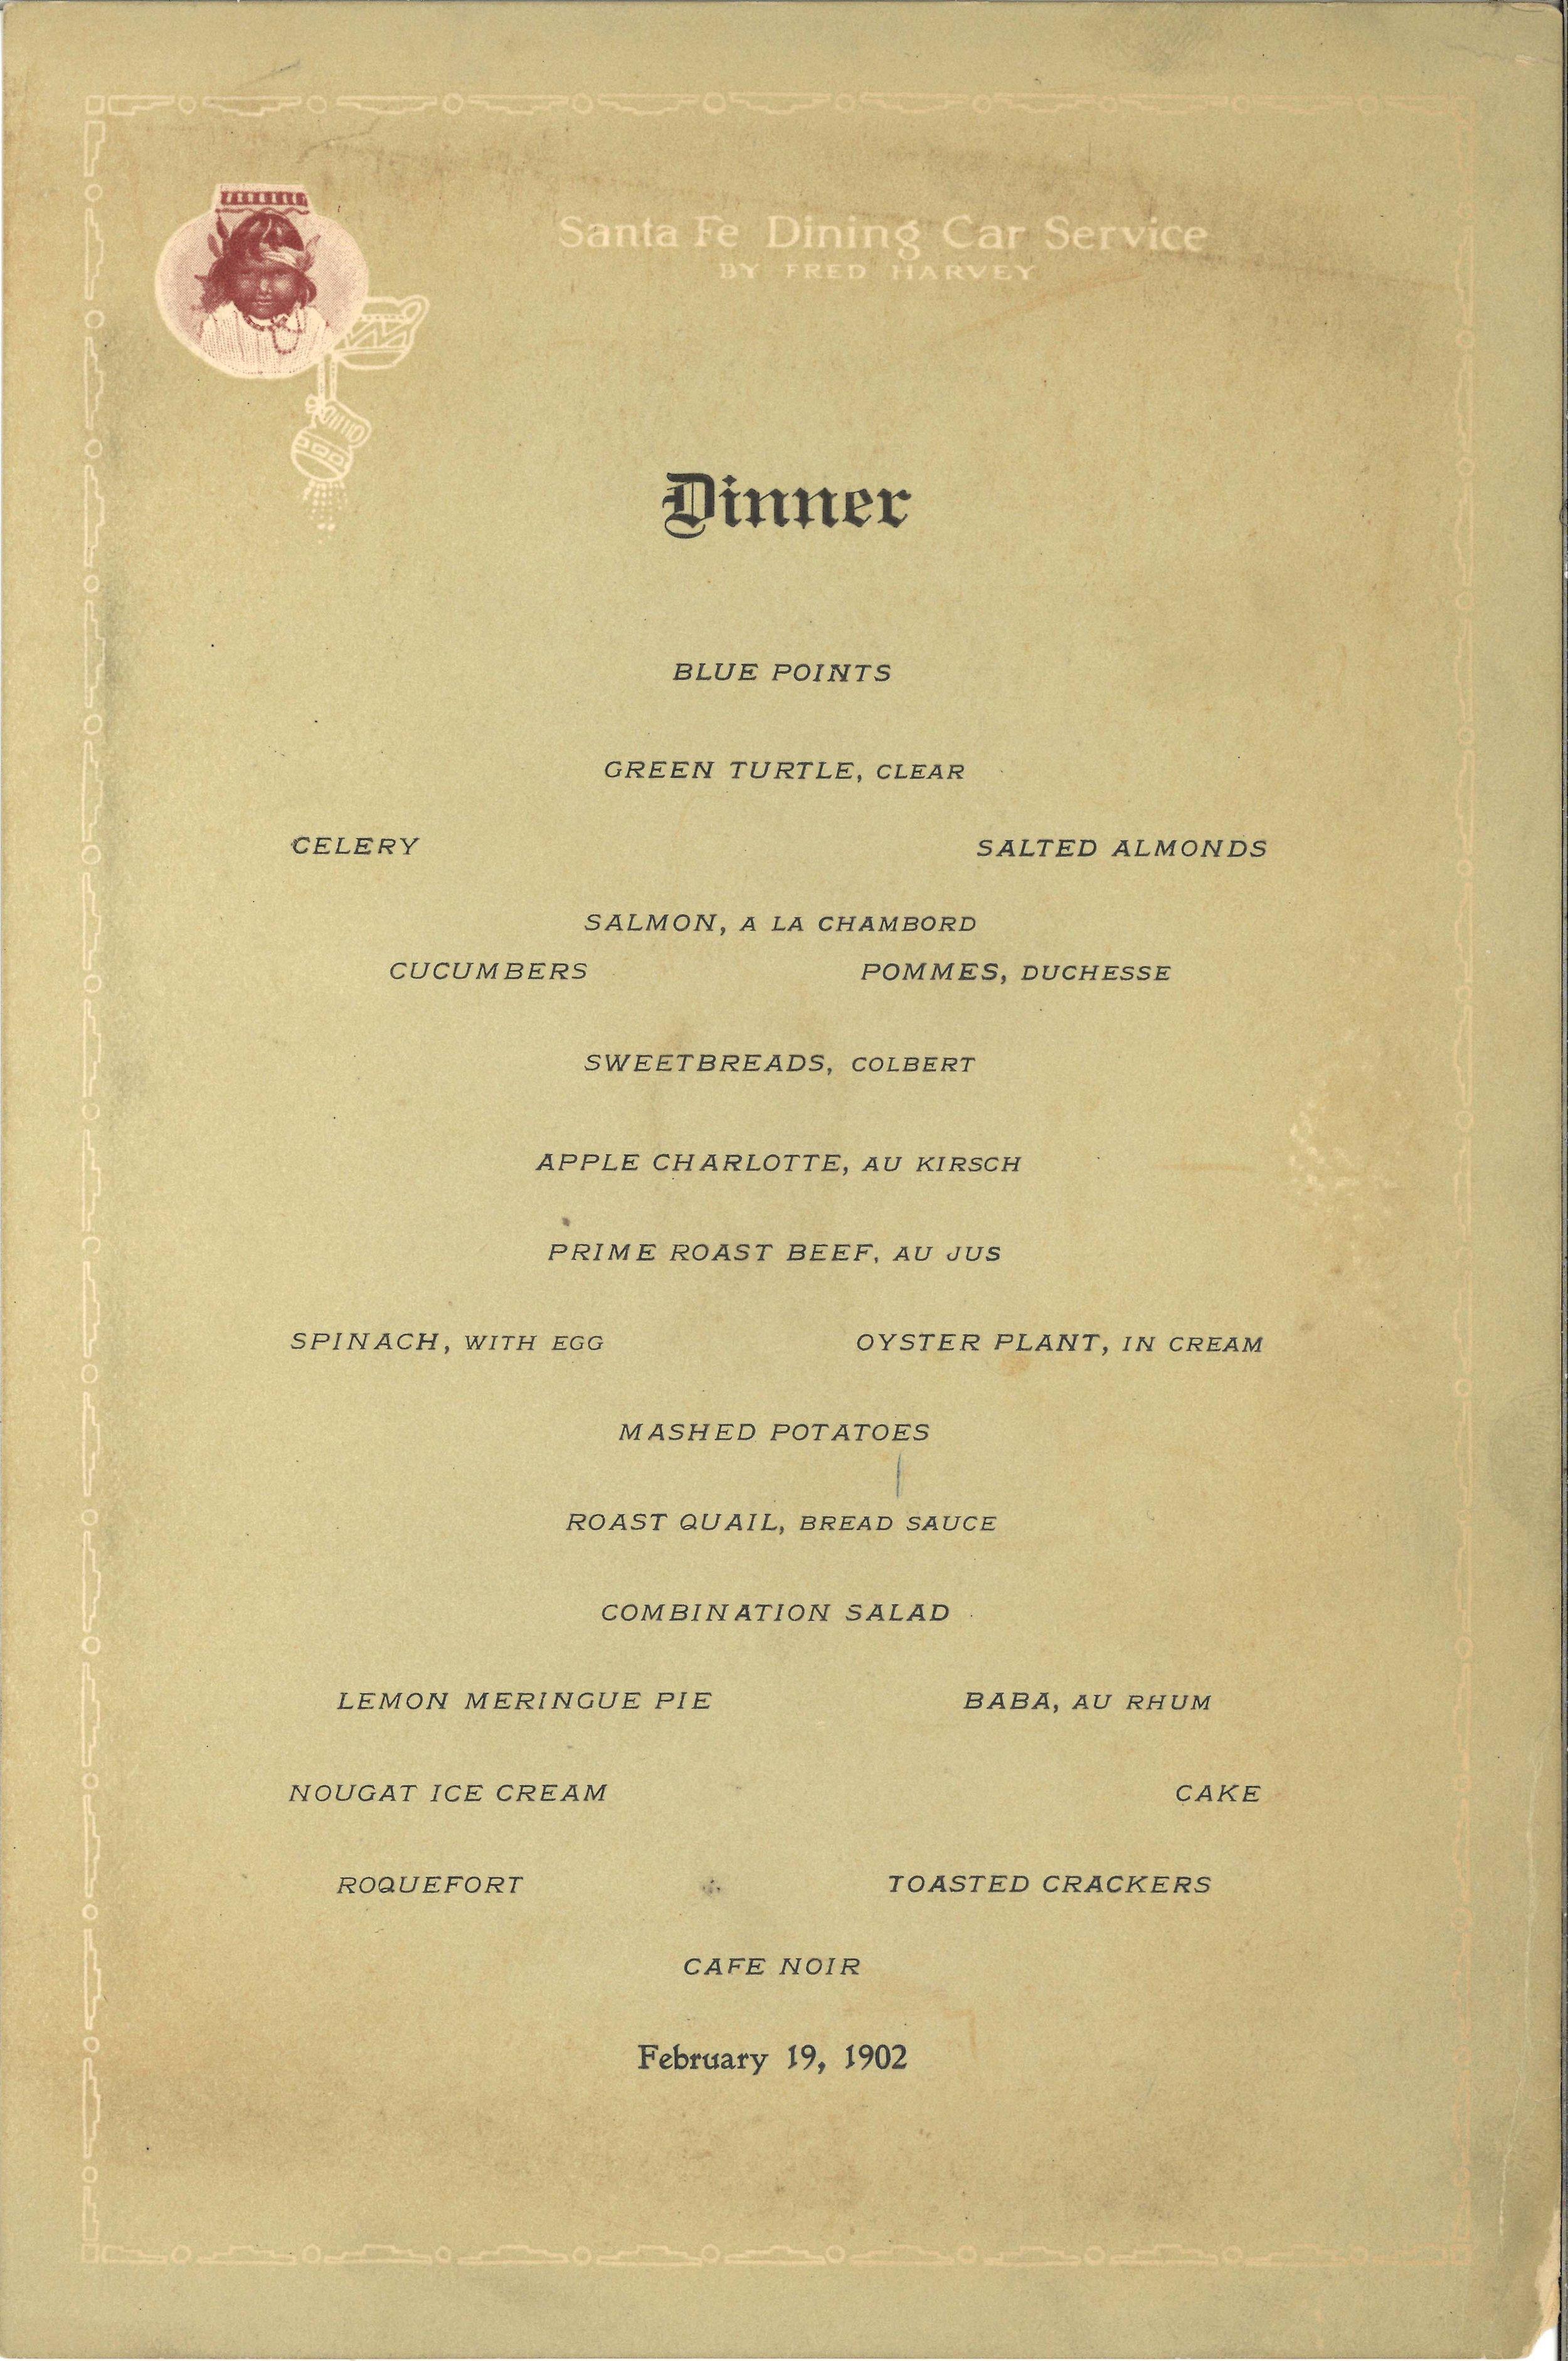 Santa Fe Dinning Car Service_002.jpg